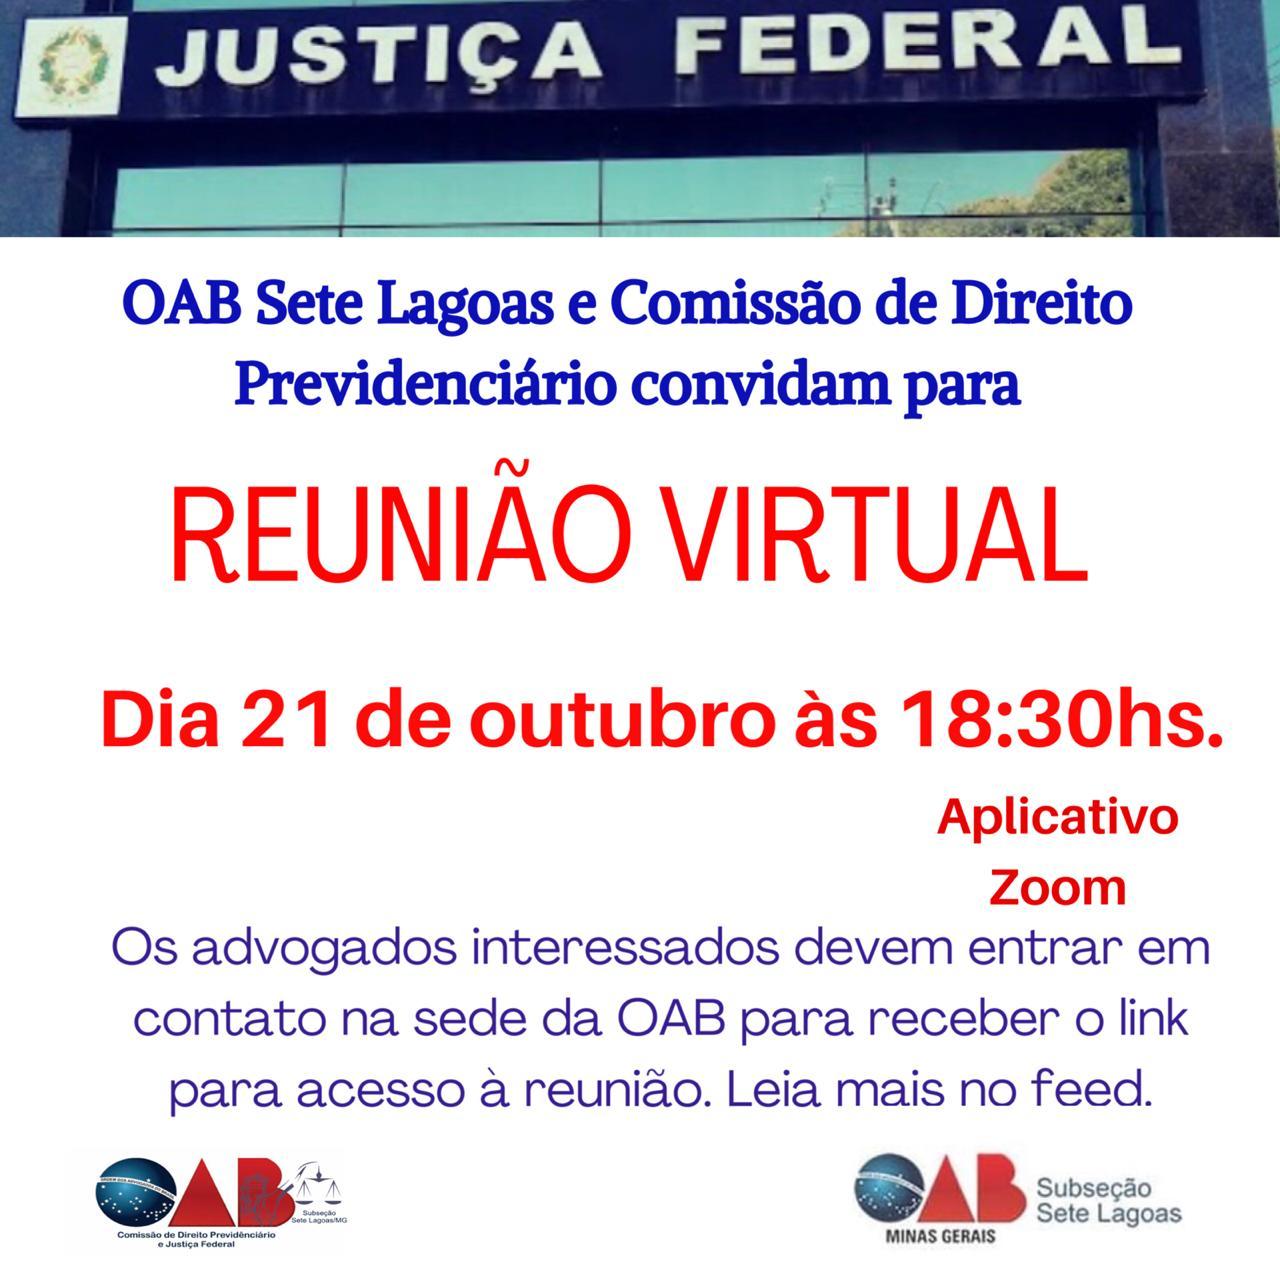 Reunião virtual  acerda da Justiça Federal